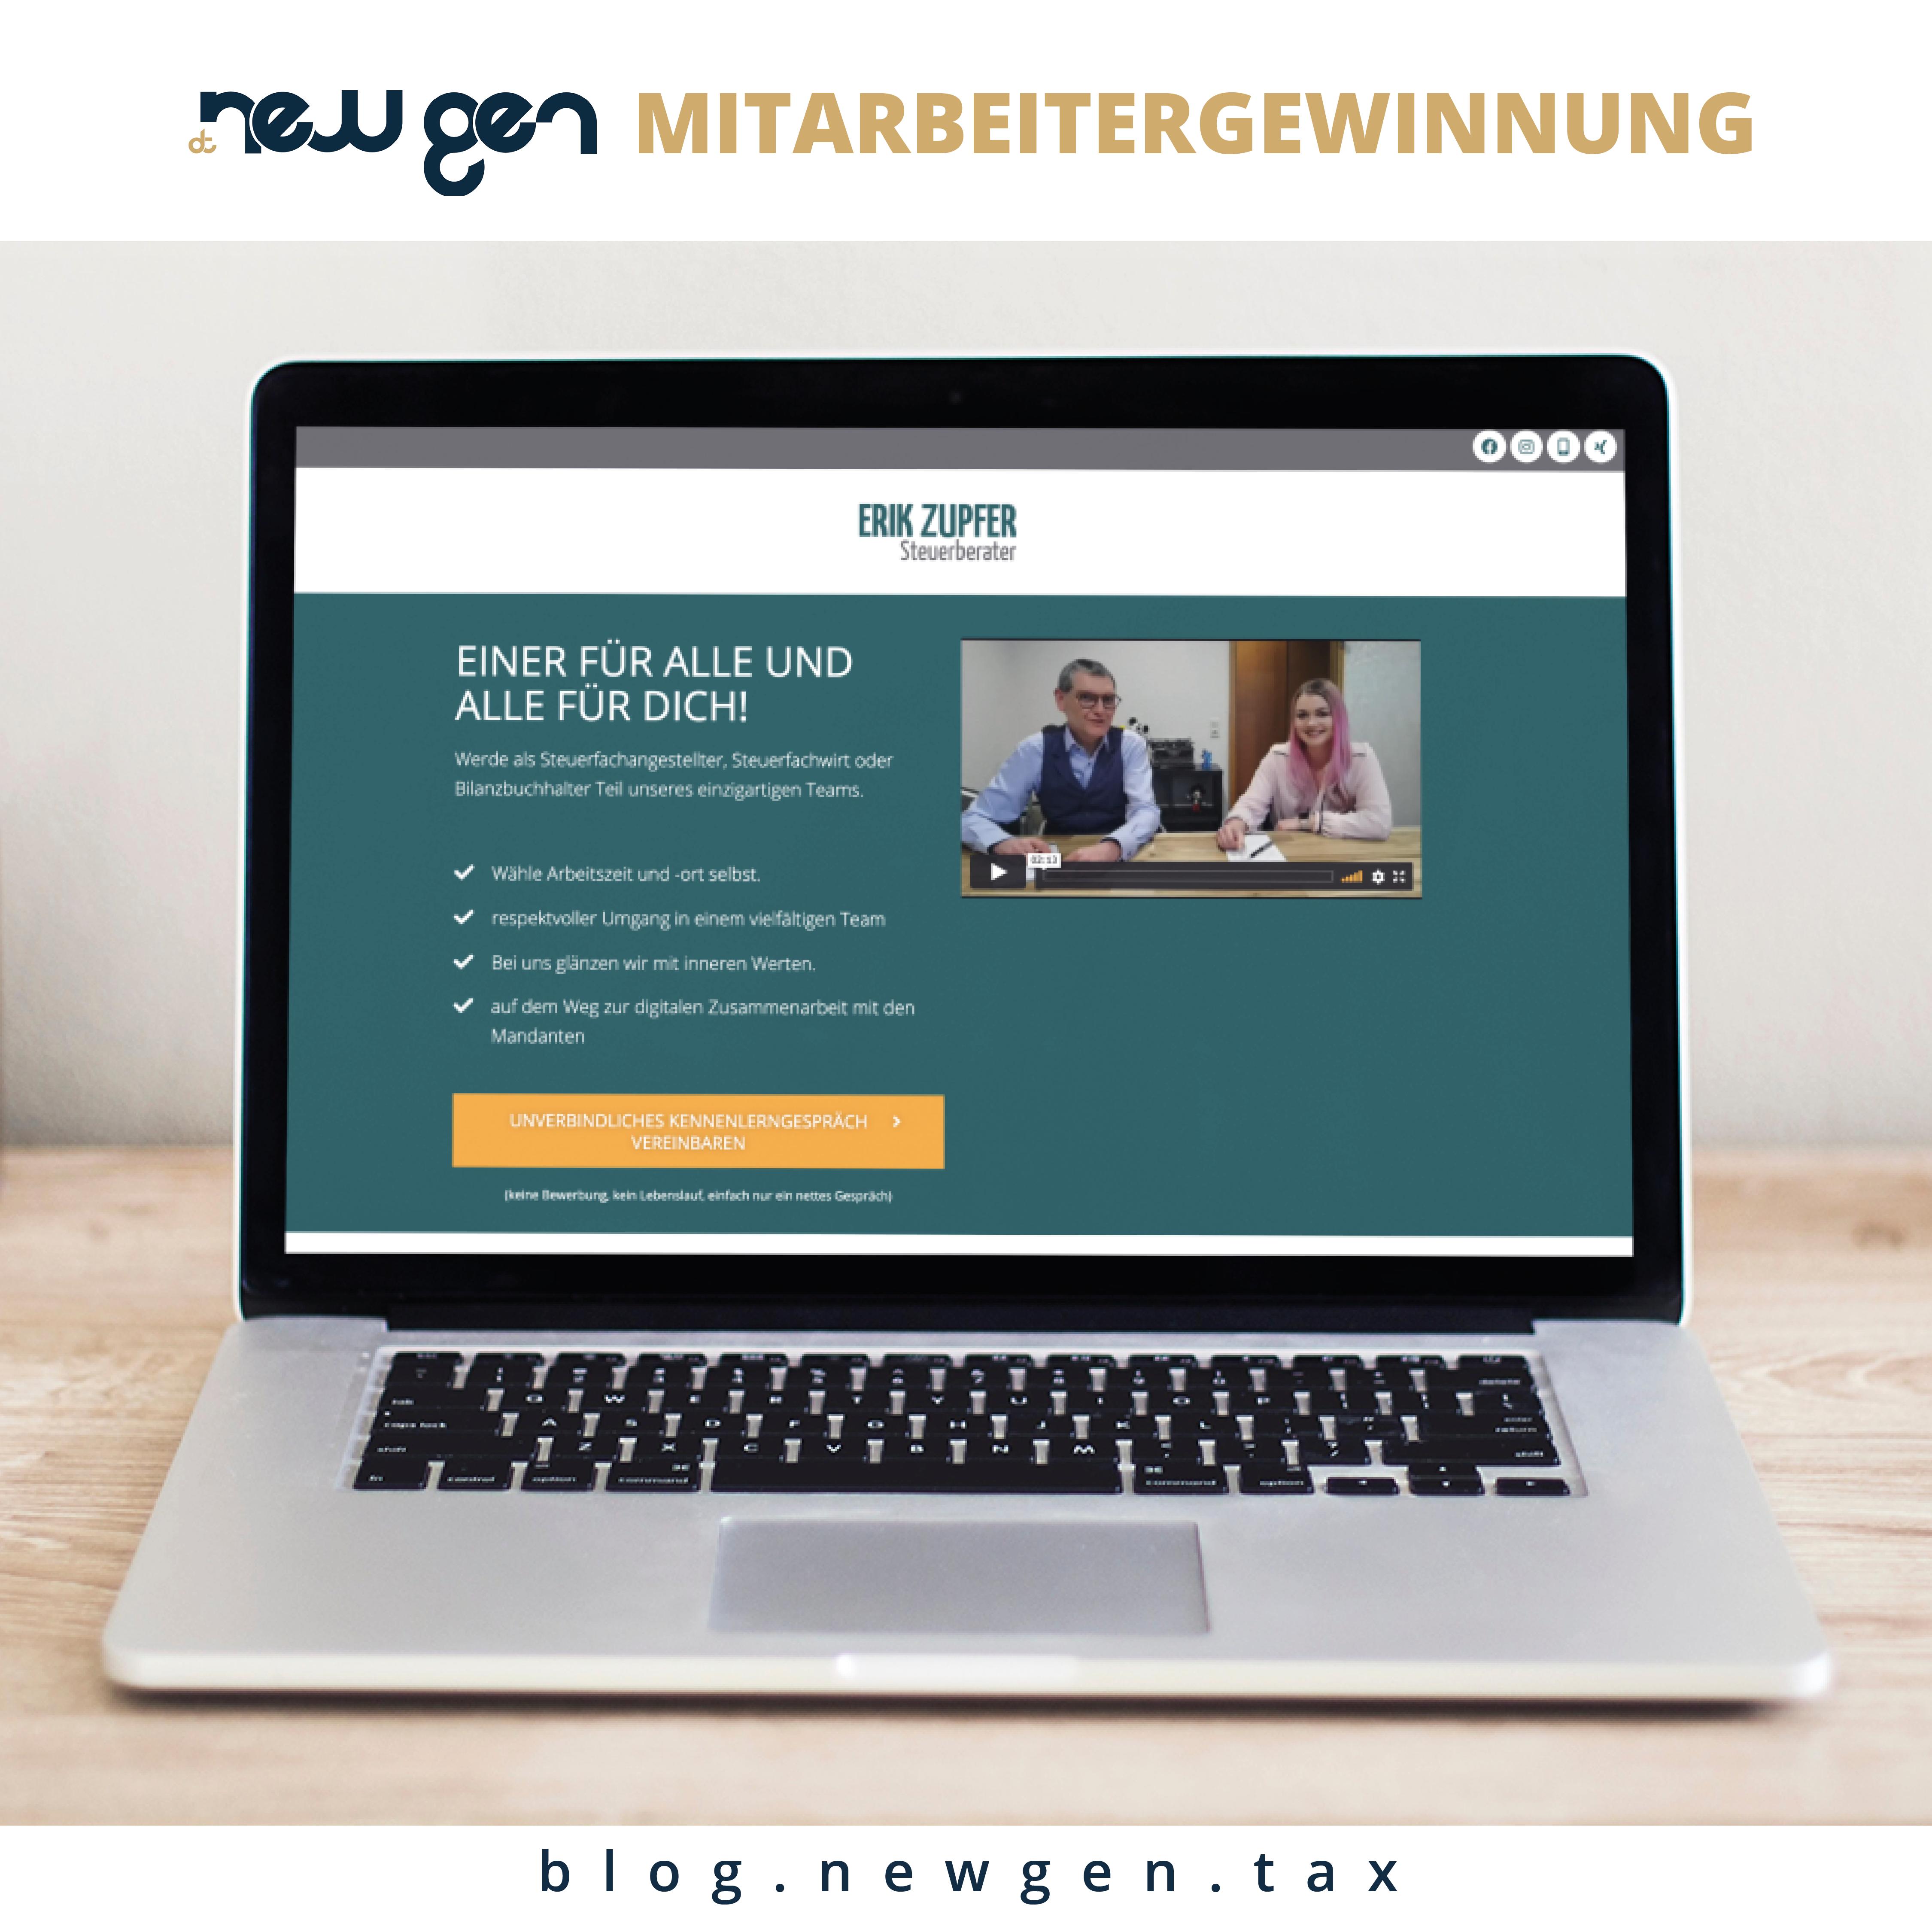 new gen Mitarbeitergewinnung - Team Zupfer